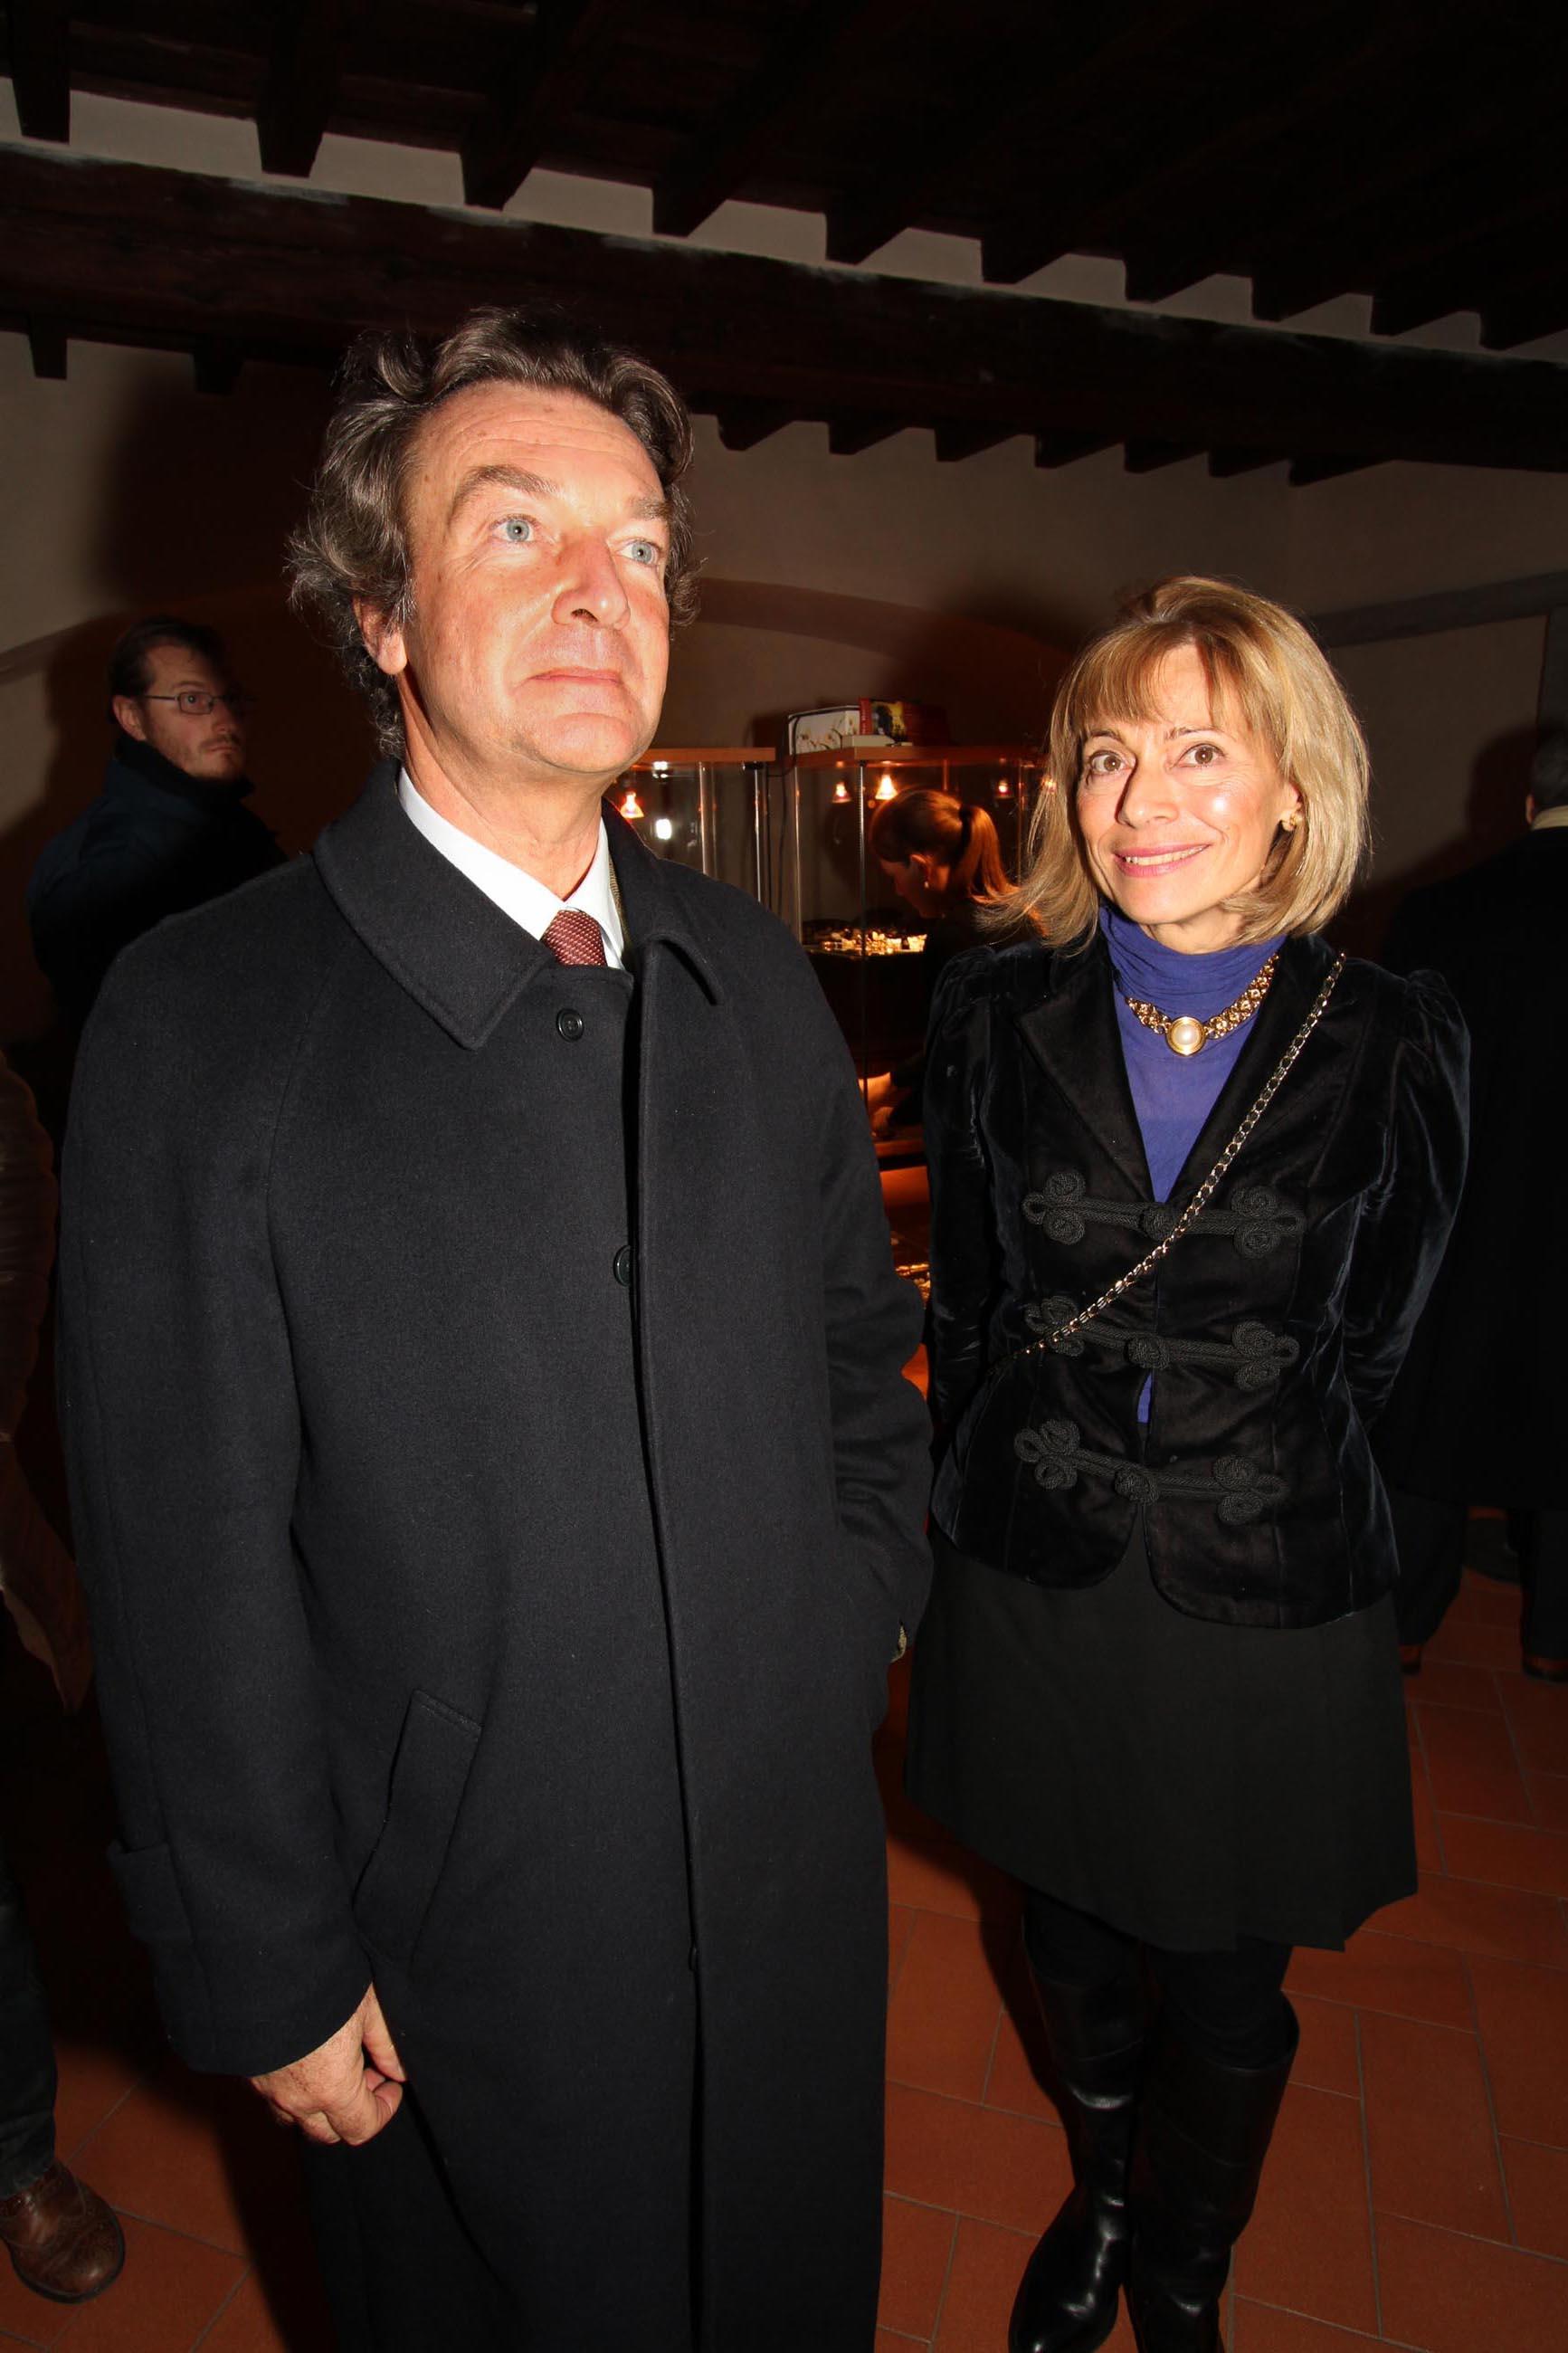 PRESSPHOTO Firenze, Asta di Gioielli d'epoca all' Istituto degli Innocenti. Nella foto Patrizia Zagnoli e il conte Roberto Lucarini Manni